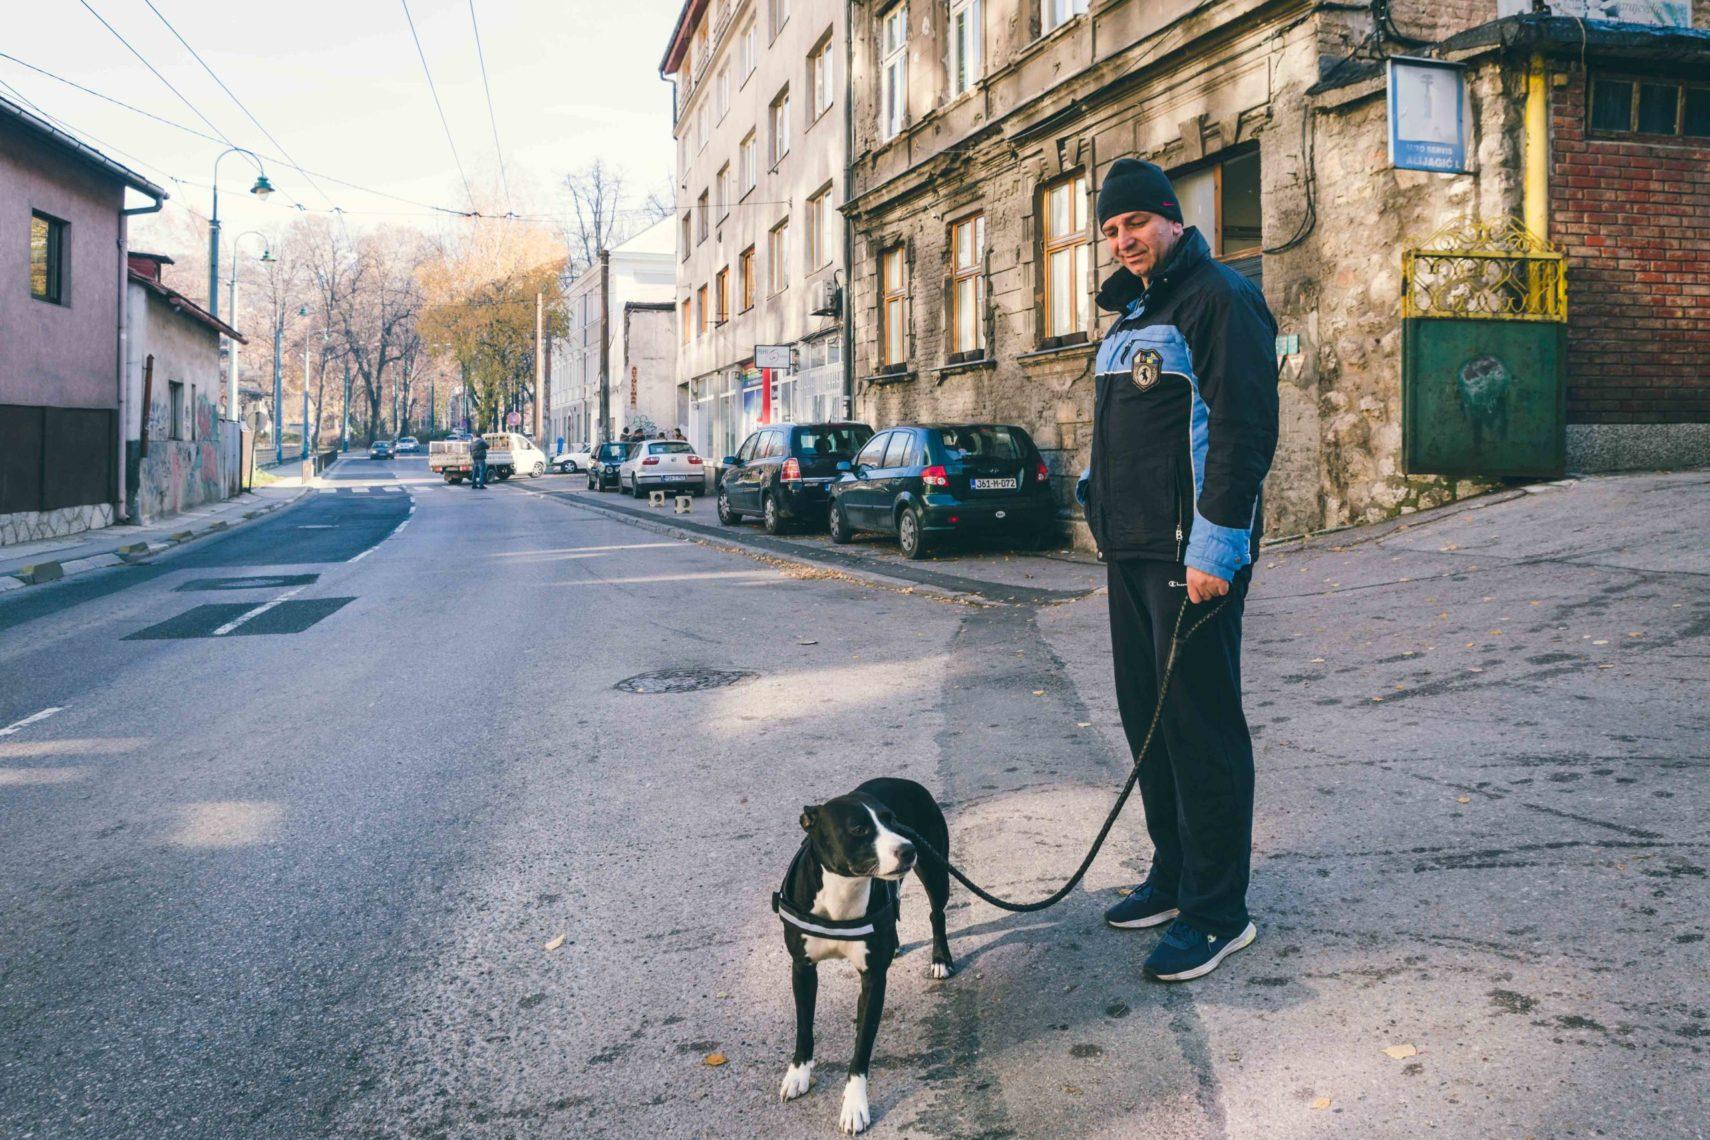 Photo Series Daily Lives Sarajevo People Of Sarajevo Sacha Jennis